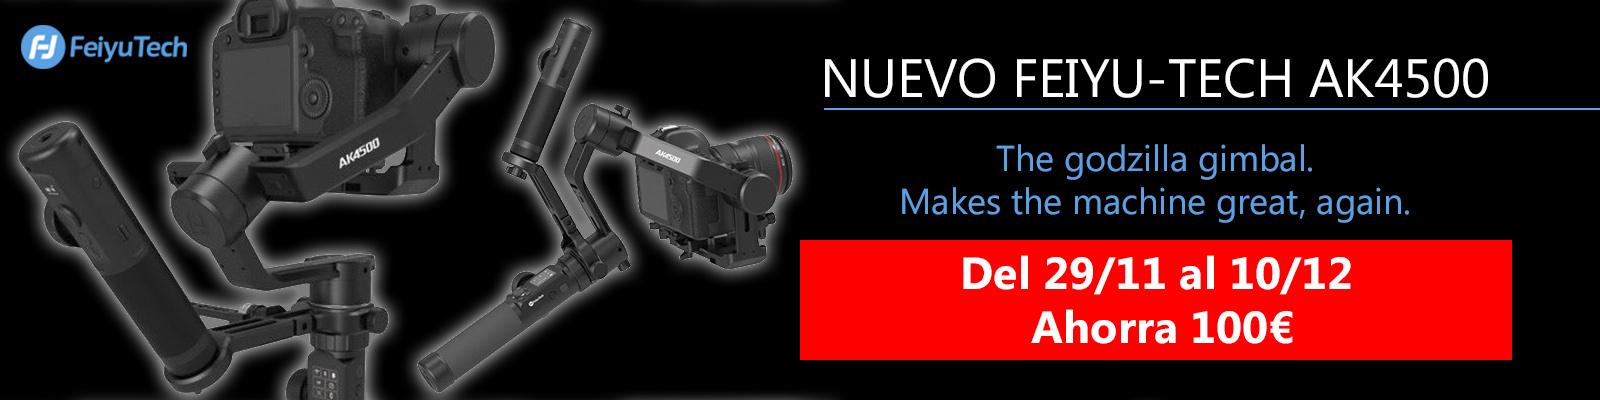 Nuevo Feiyu-Tech AK4500